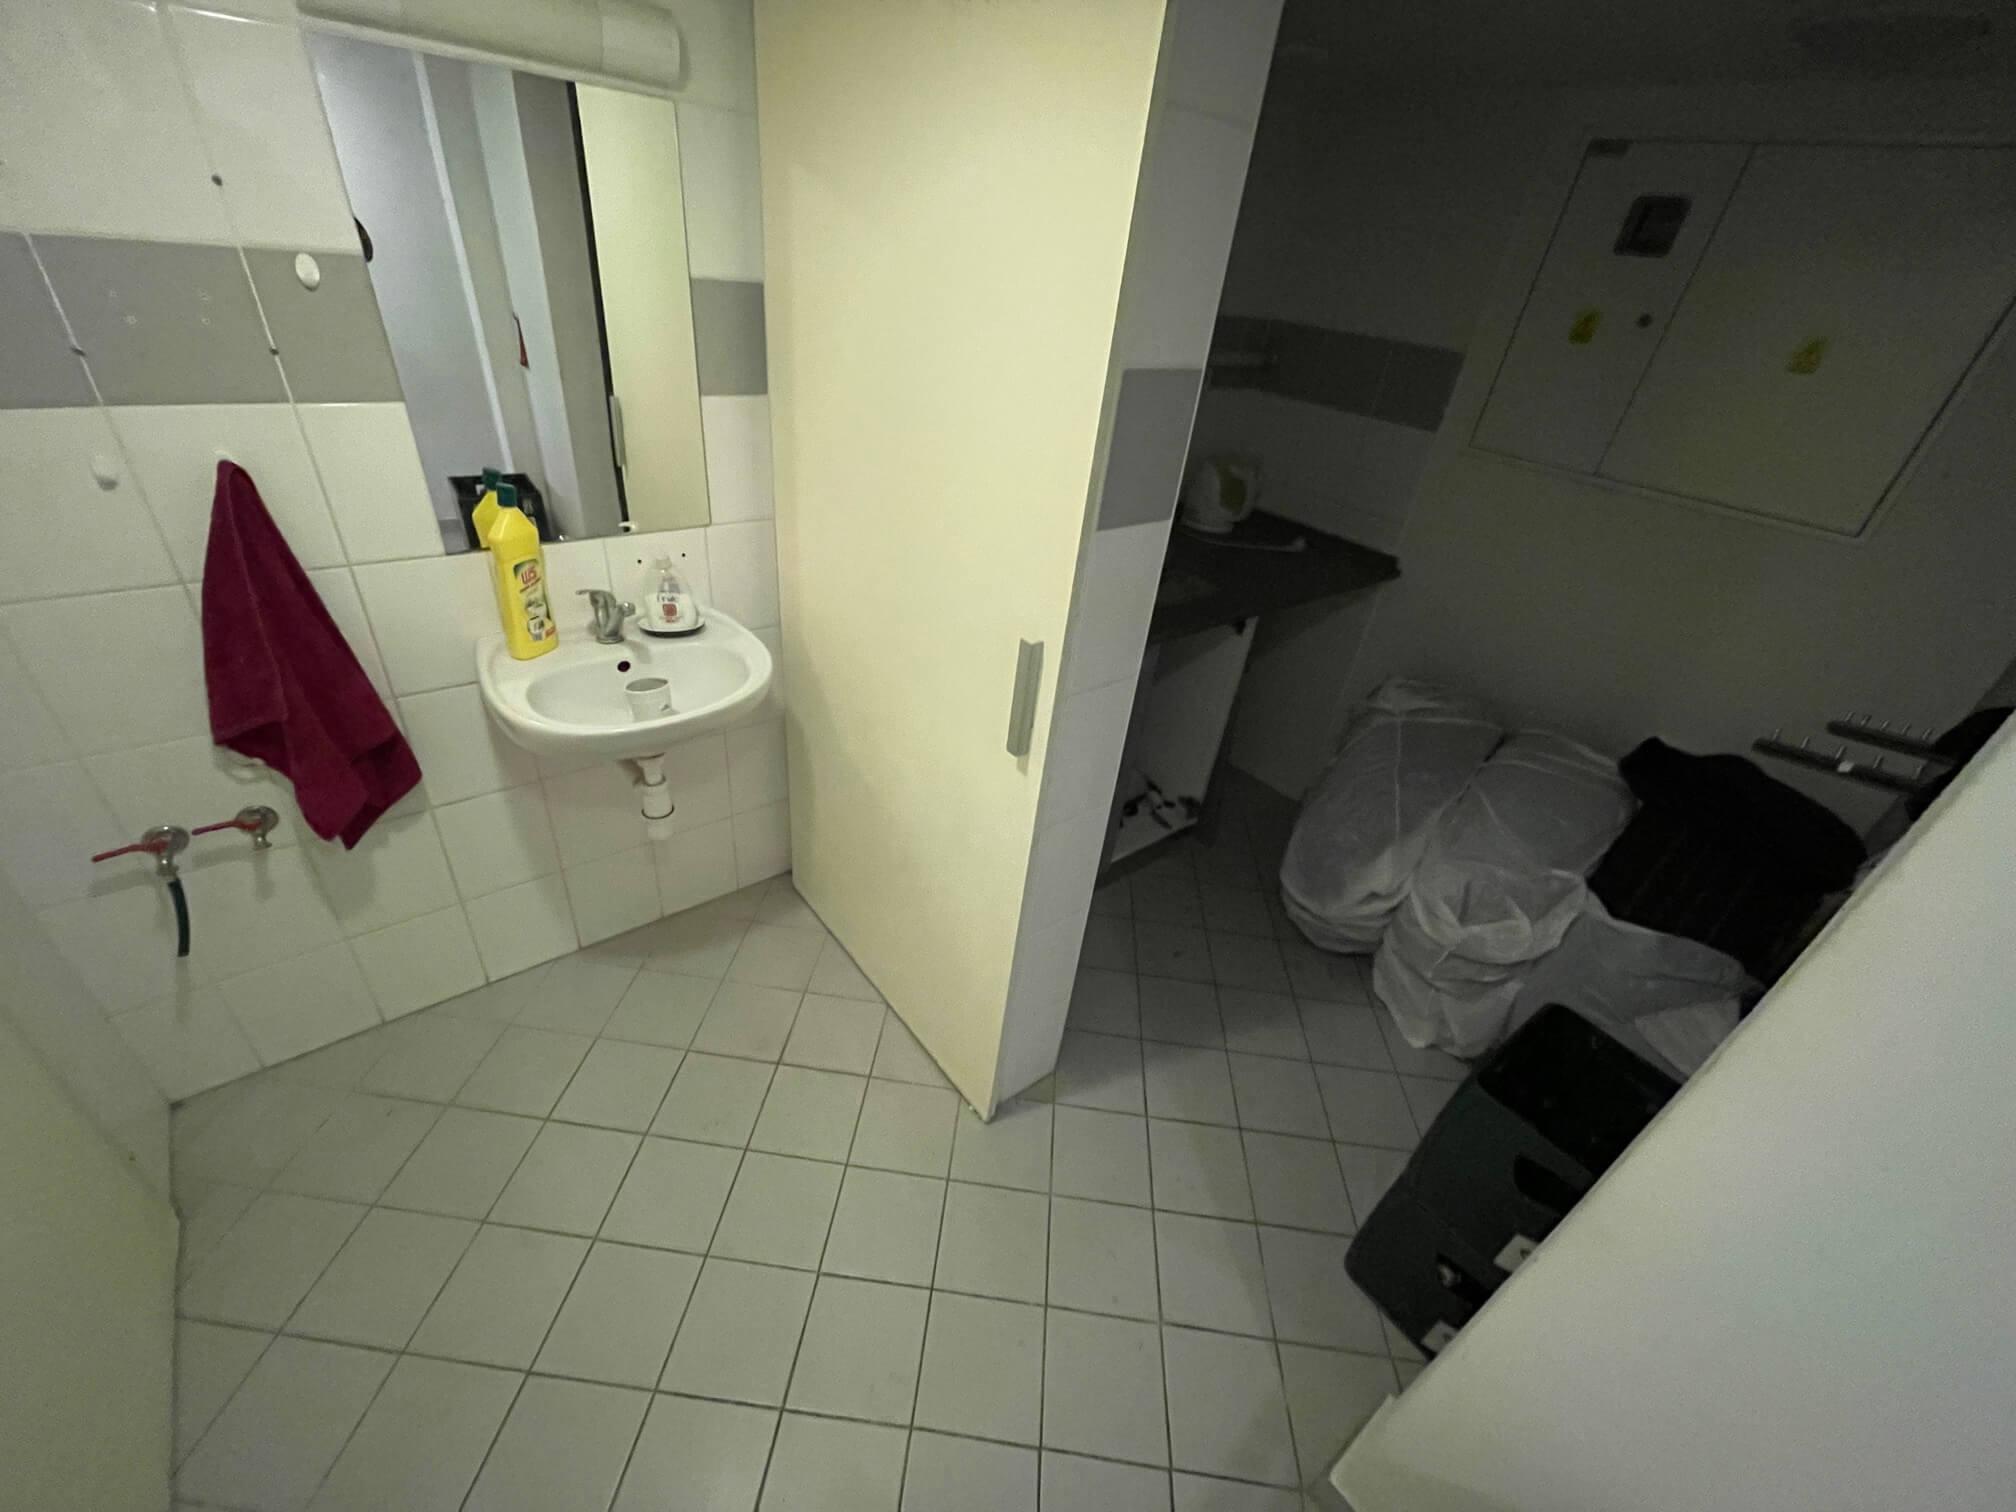 Obchodný priestor na prenájom, úžitková 42m2,  Košická 42, 2xwc, kuchynka, sklad-6